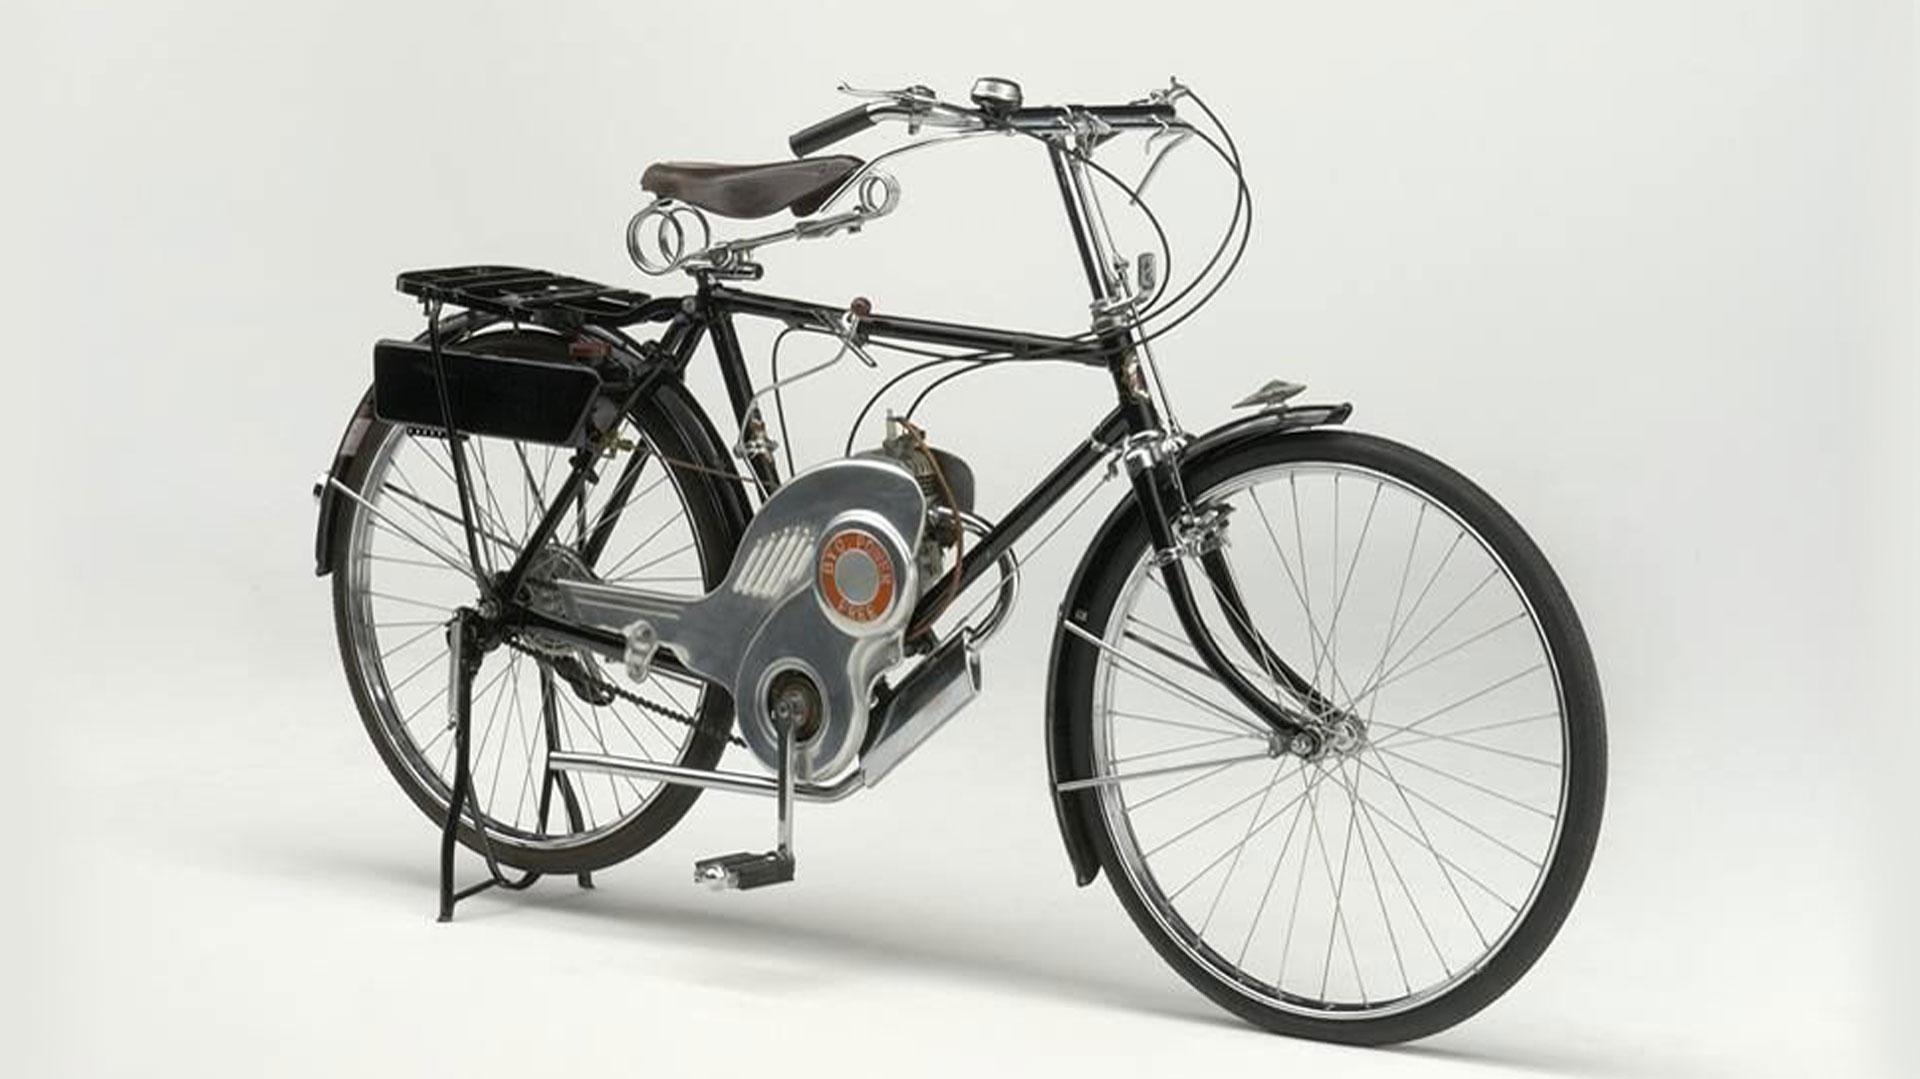 Modelos Suzuki 100 Aniversario